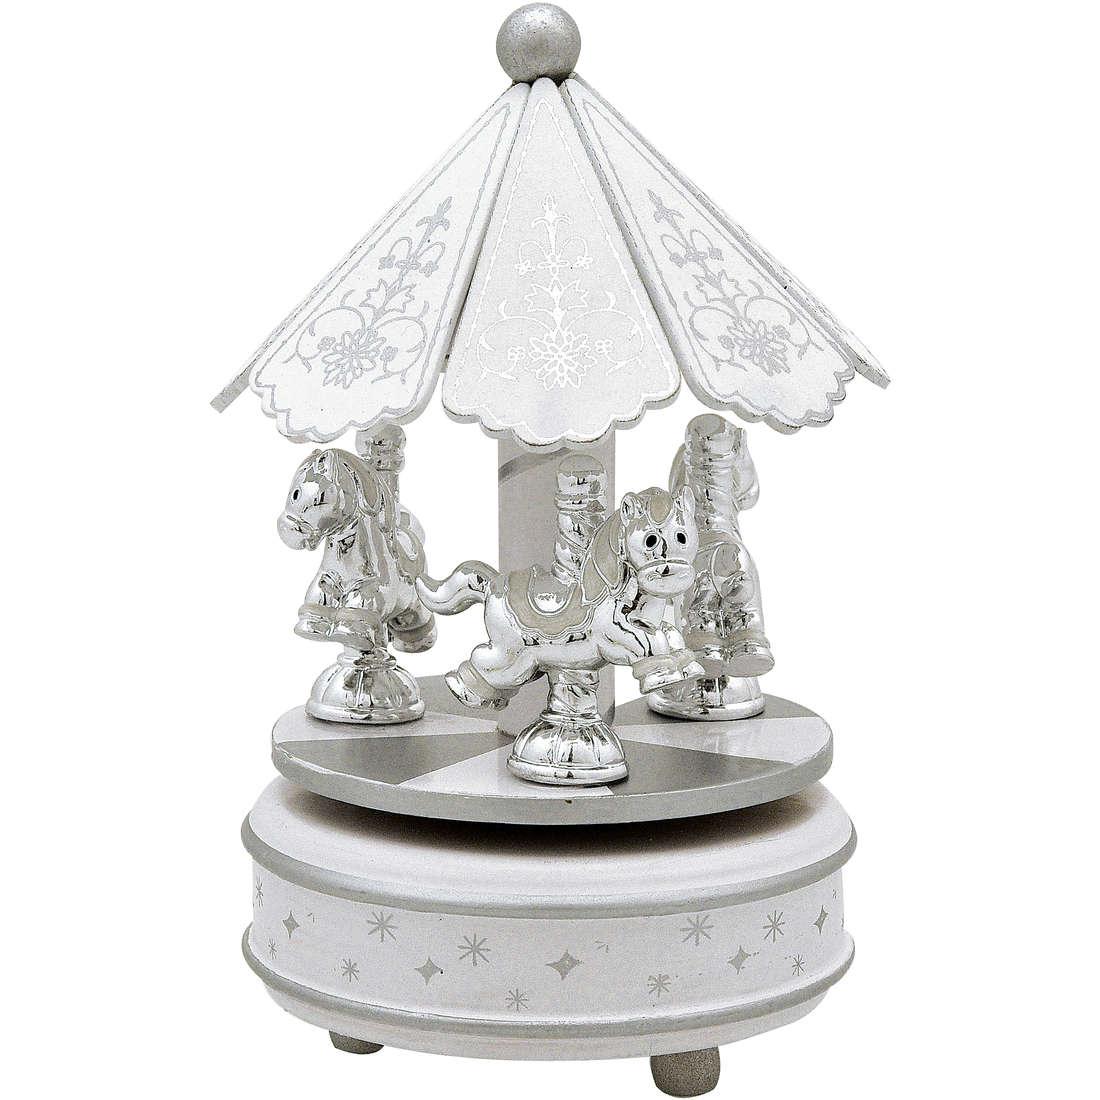 accessori neonato Bagutta Baguttino B 4146 W